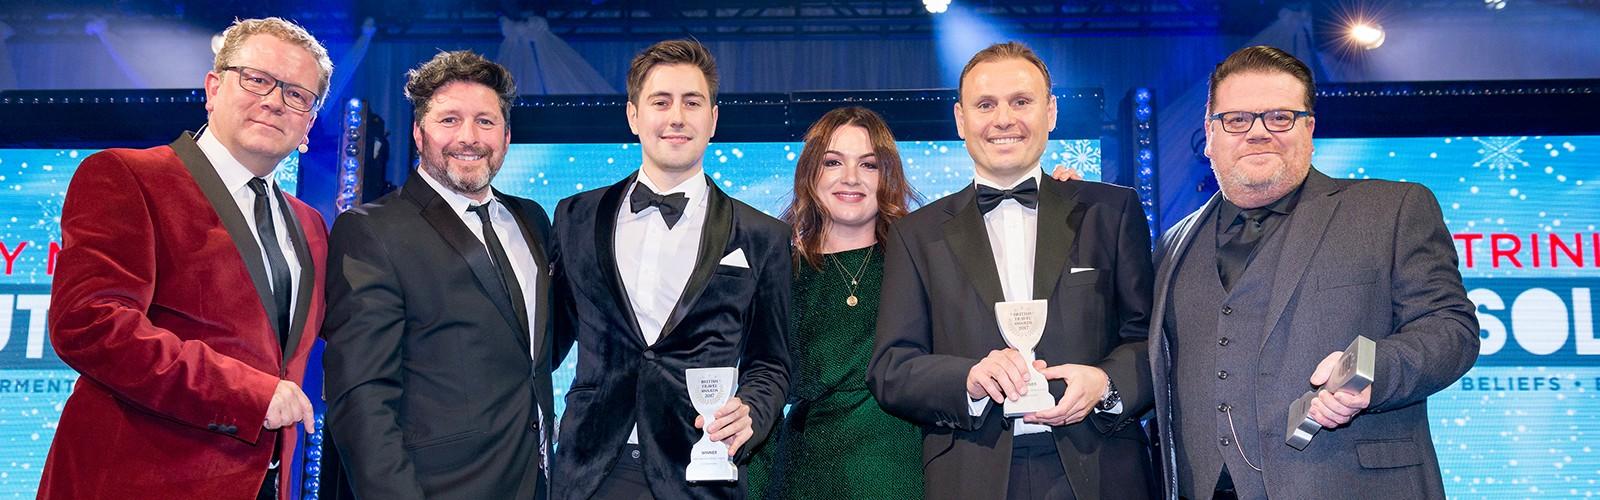 header - btas awards